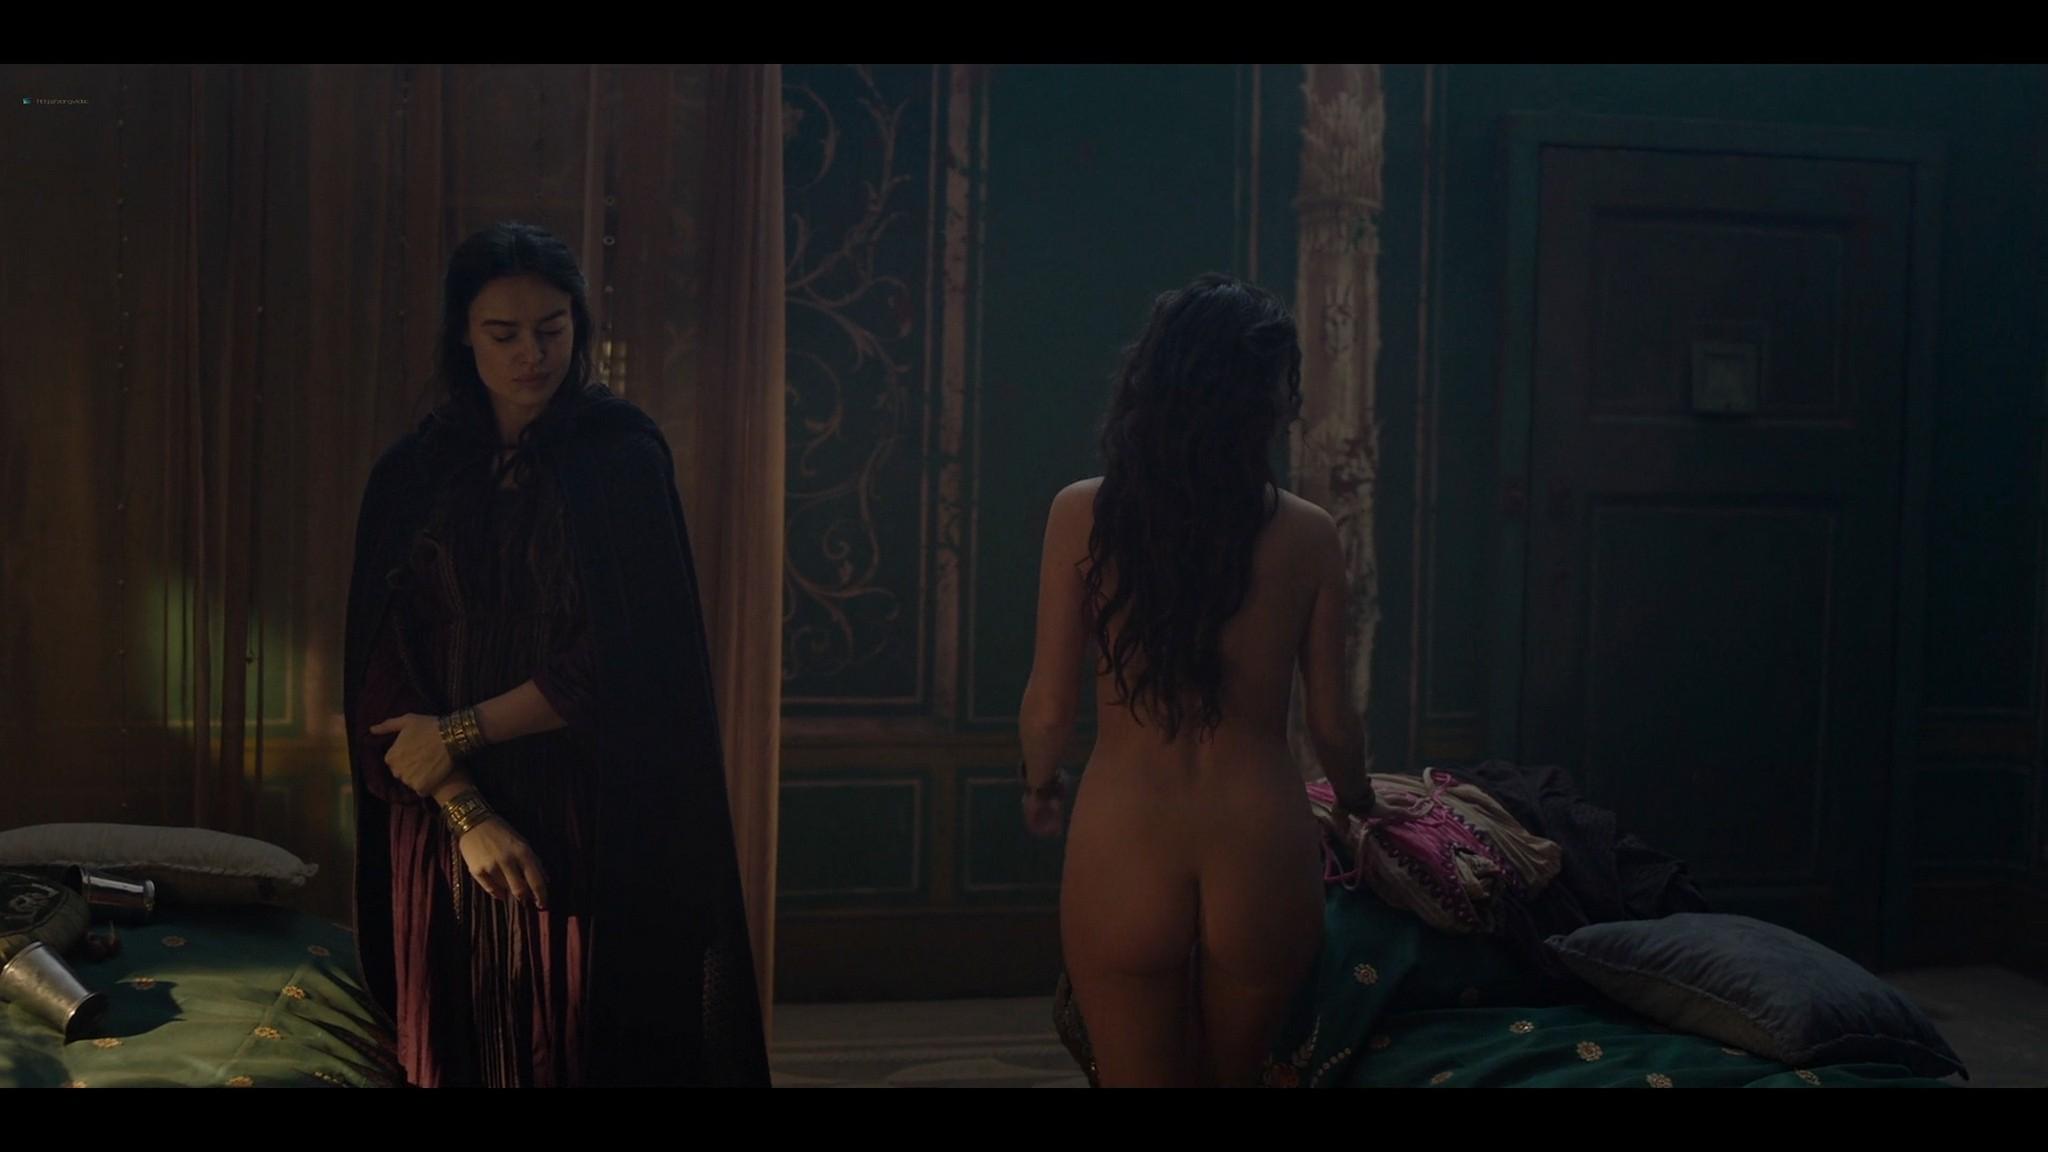 Kasia Smutniak nude sex Alais Lawson nude butt Domina 2021 S1 1080p Web 9